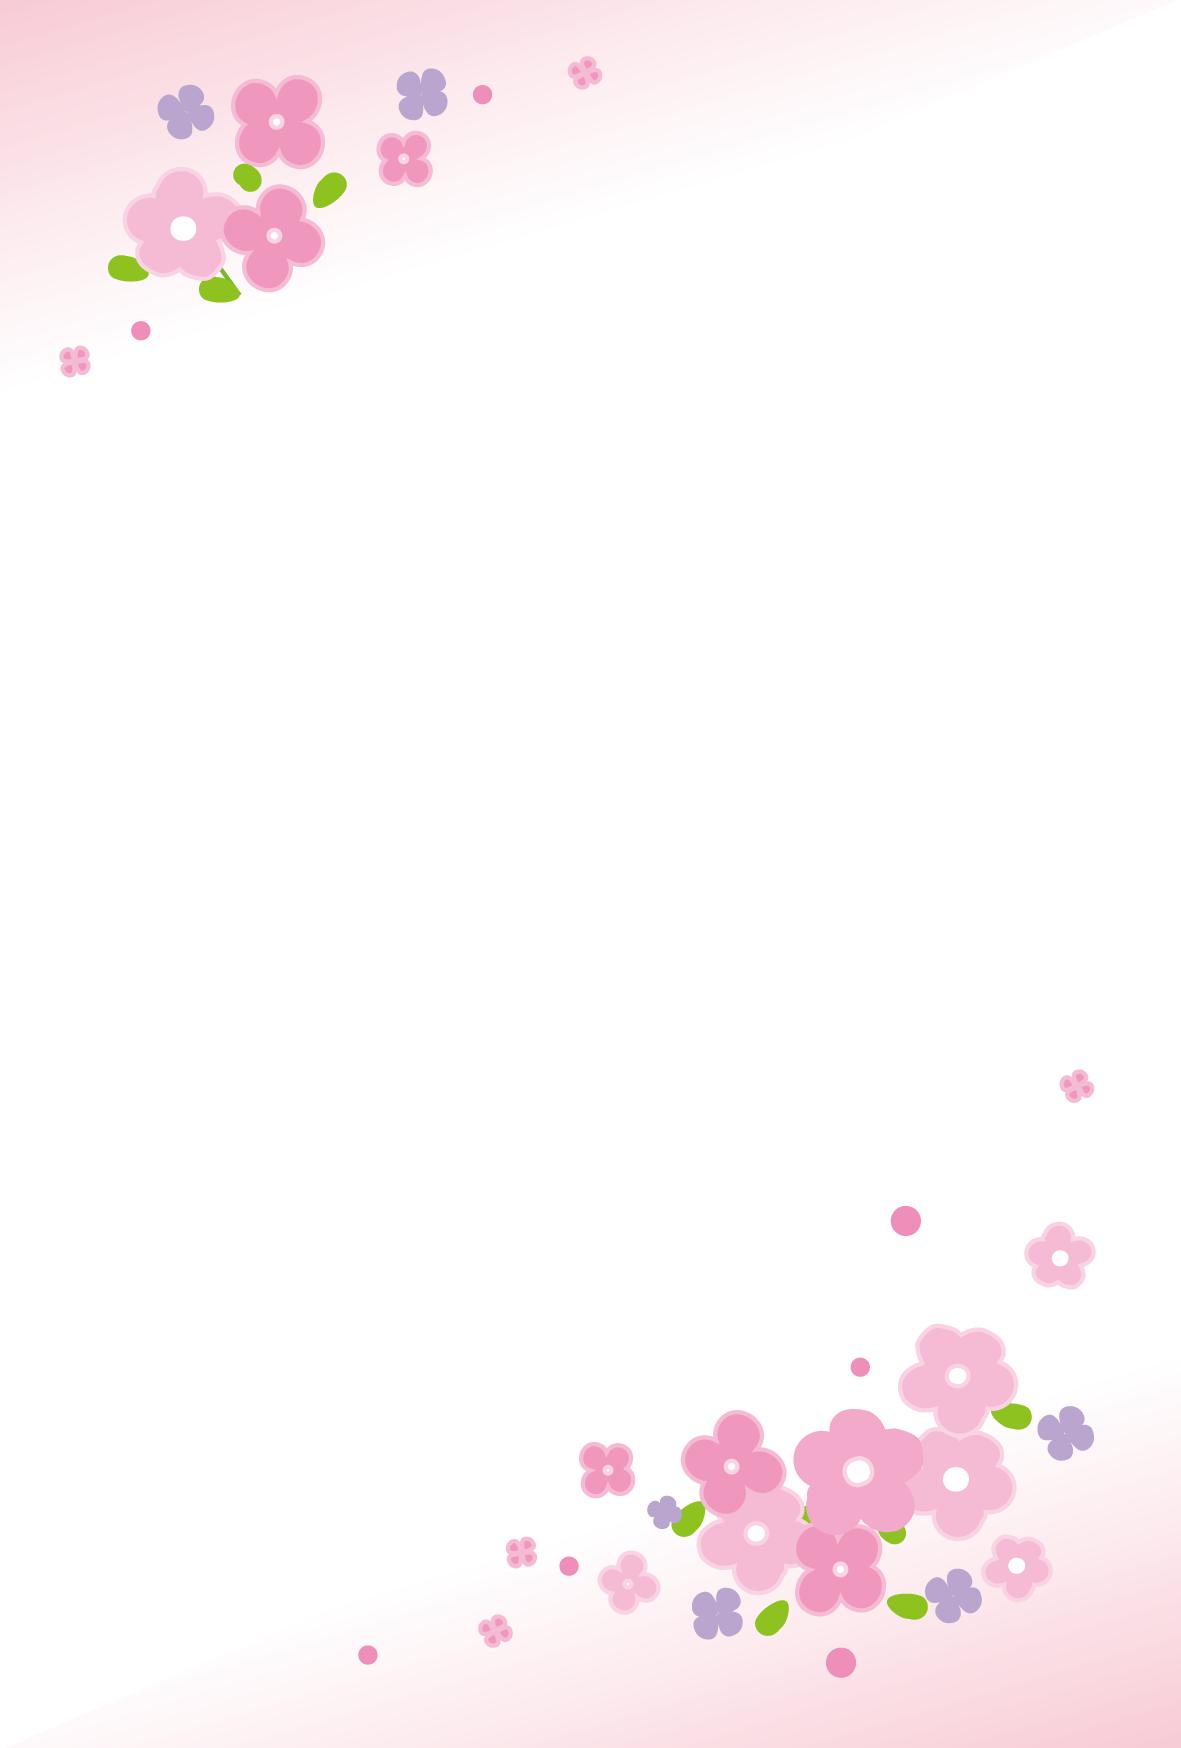 カード お礼 カード テンプレート : はがき背景(年賀状)無料素材 ...